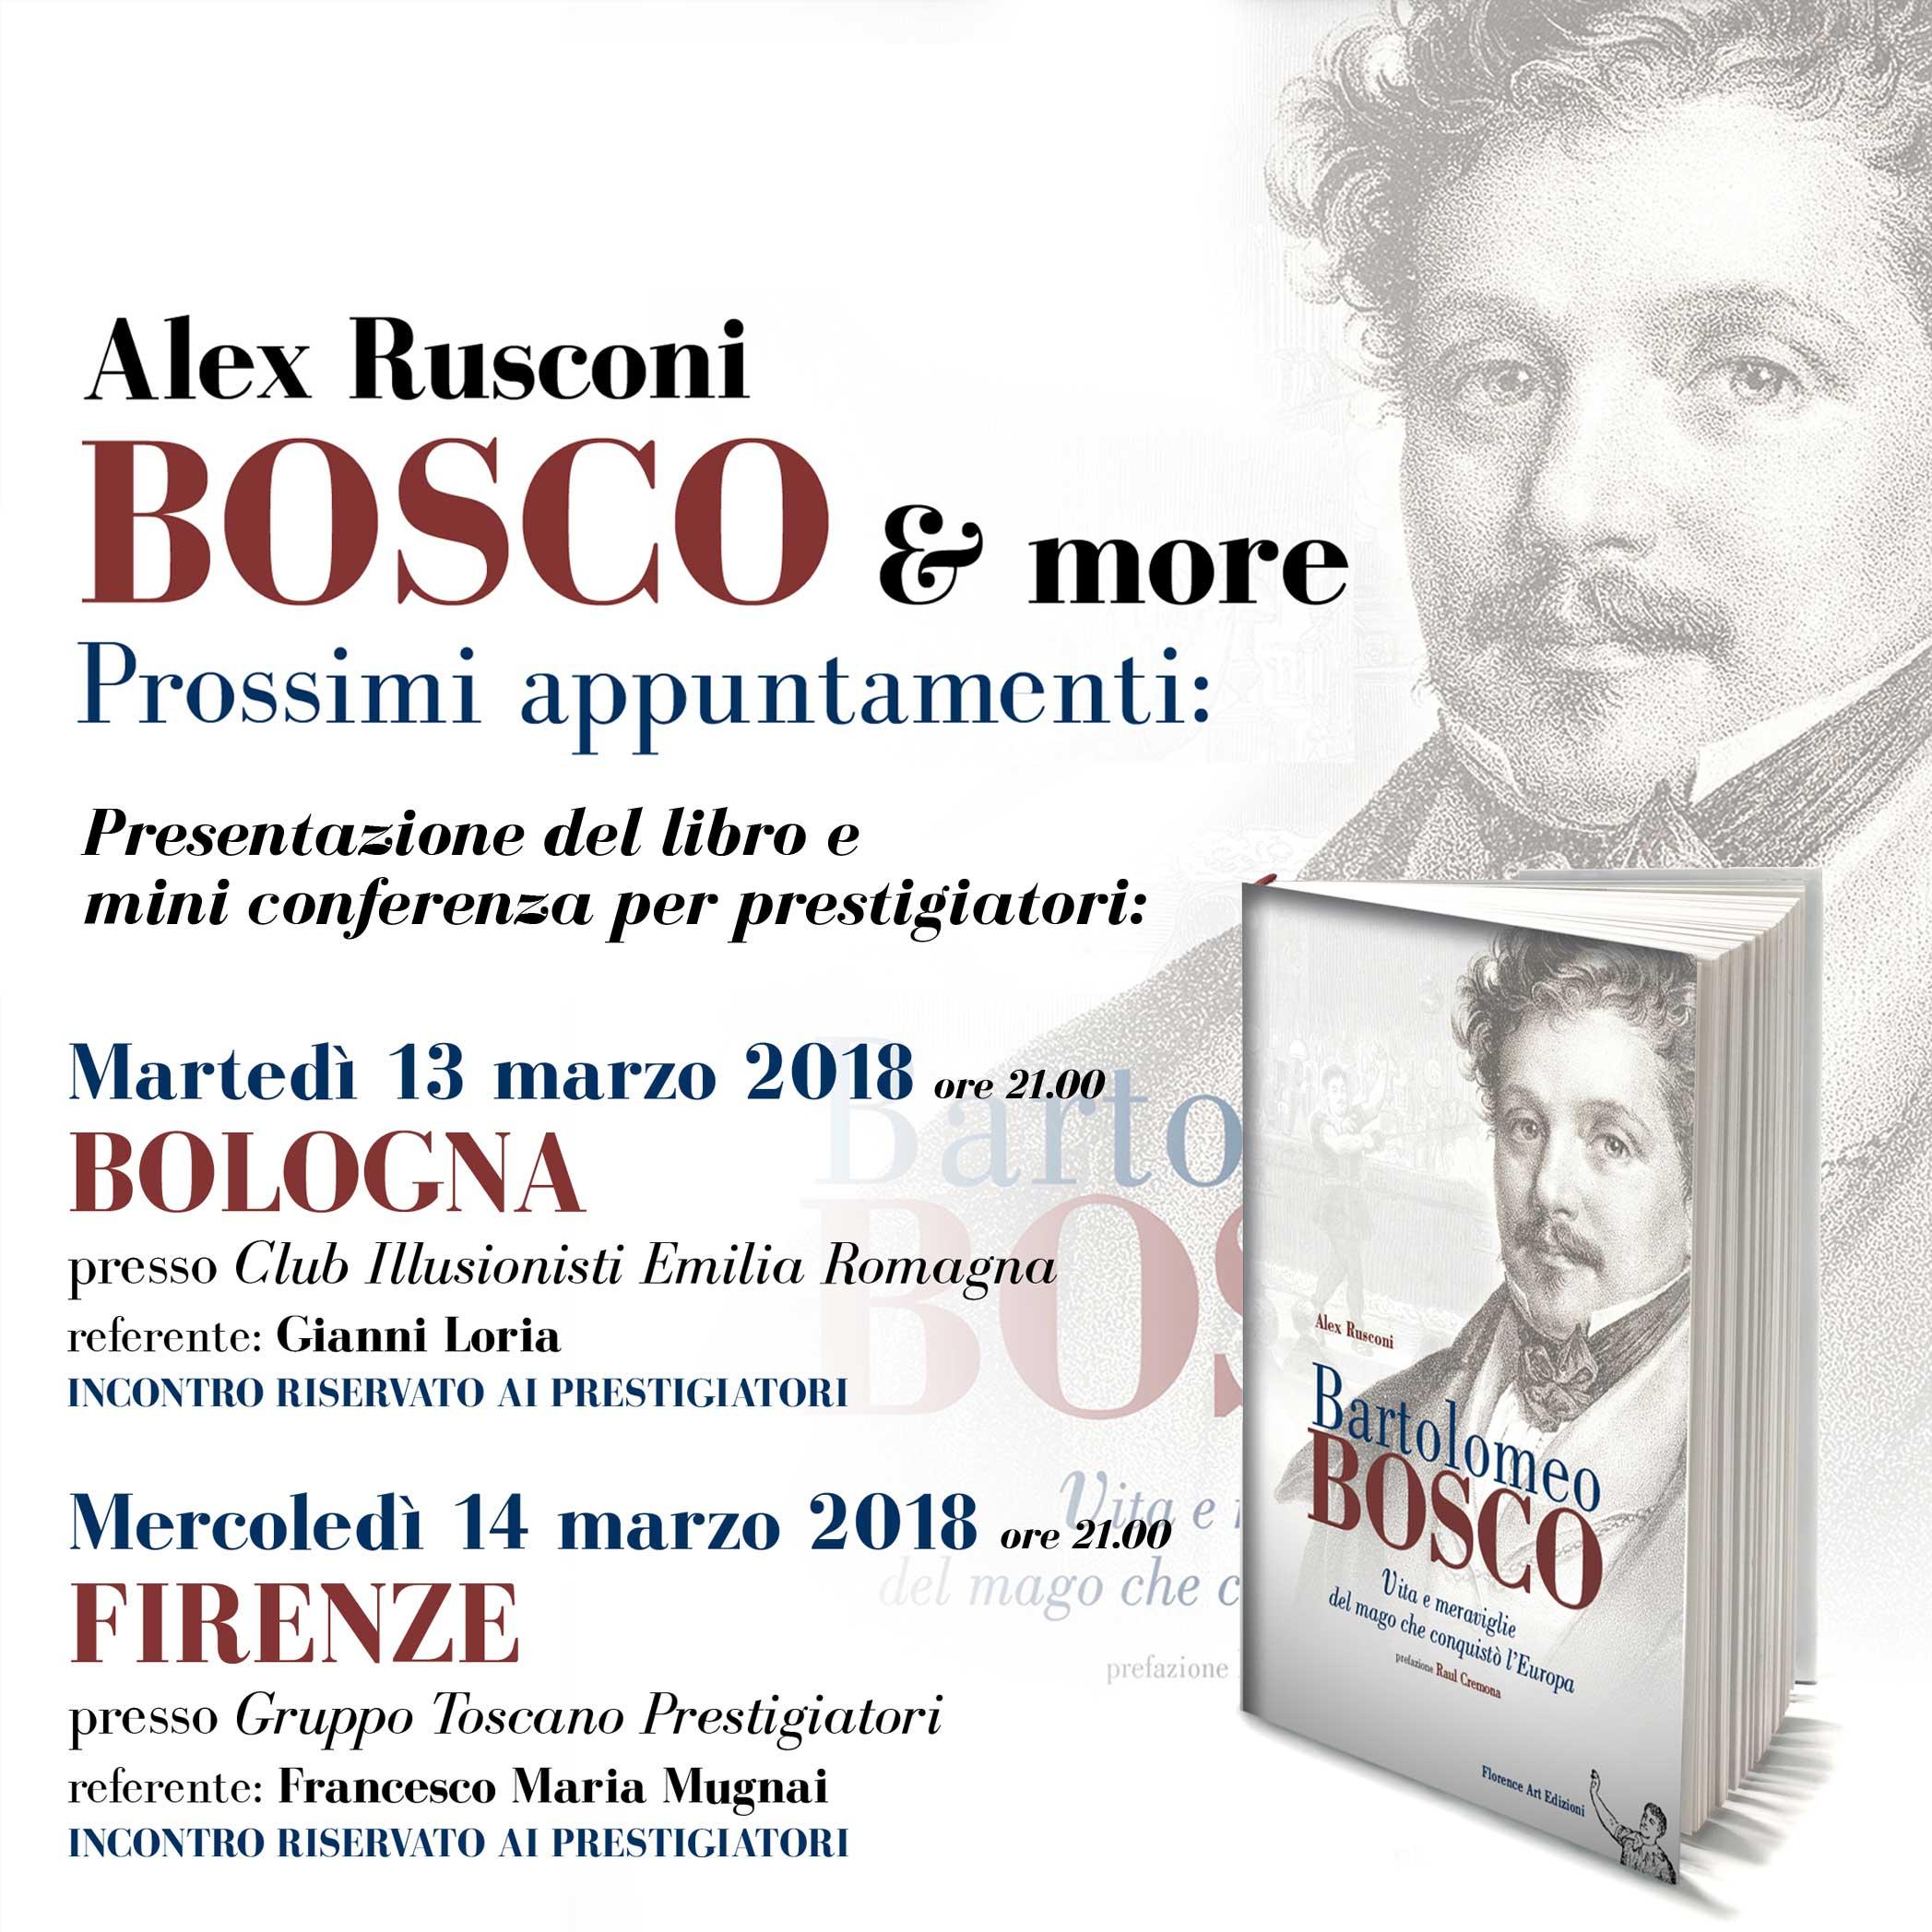 Alcune presentazioni del libro Bartolomeo Bosco di Alex Rusconi